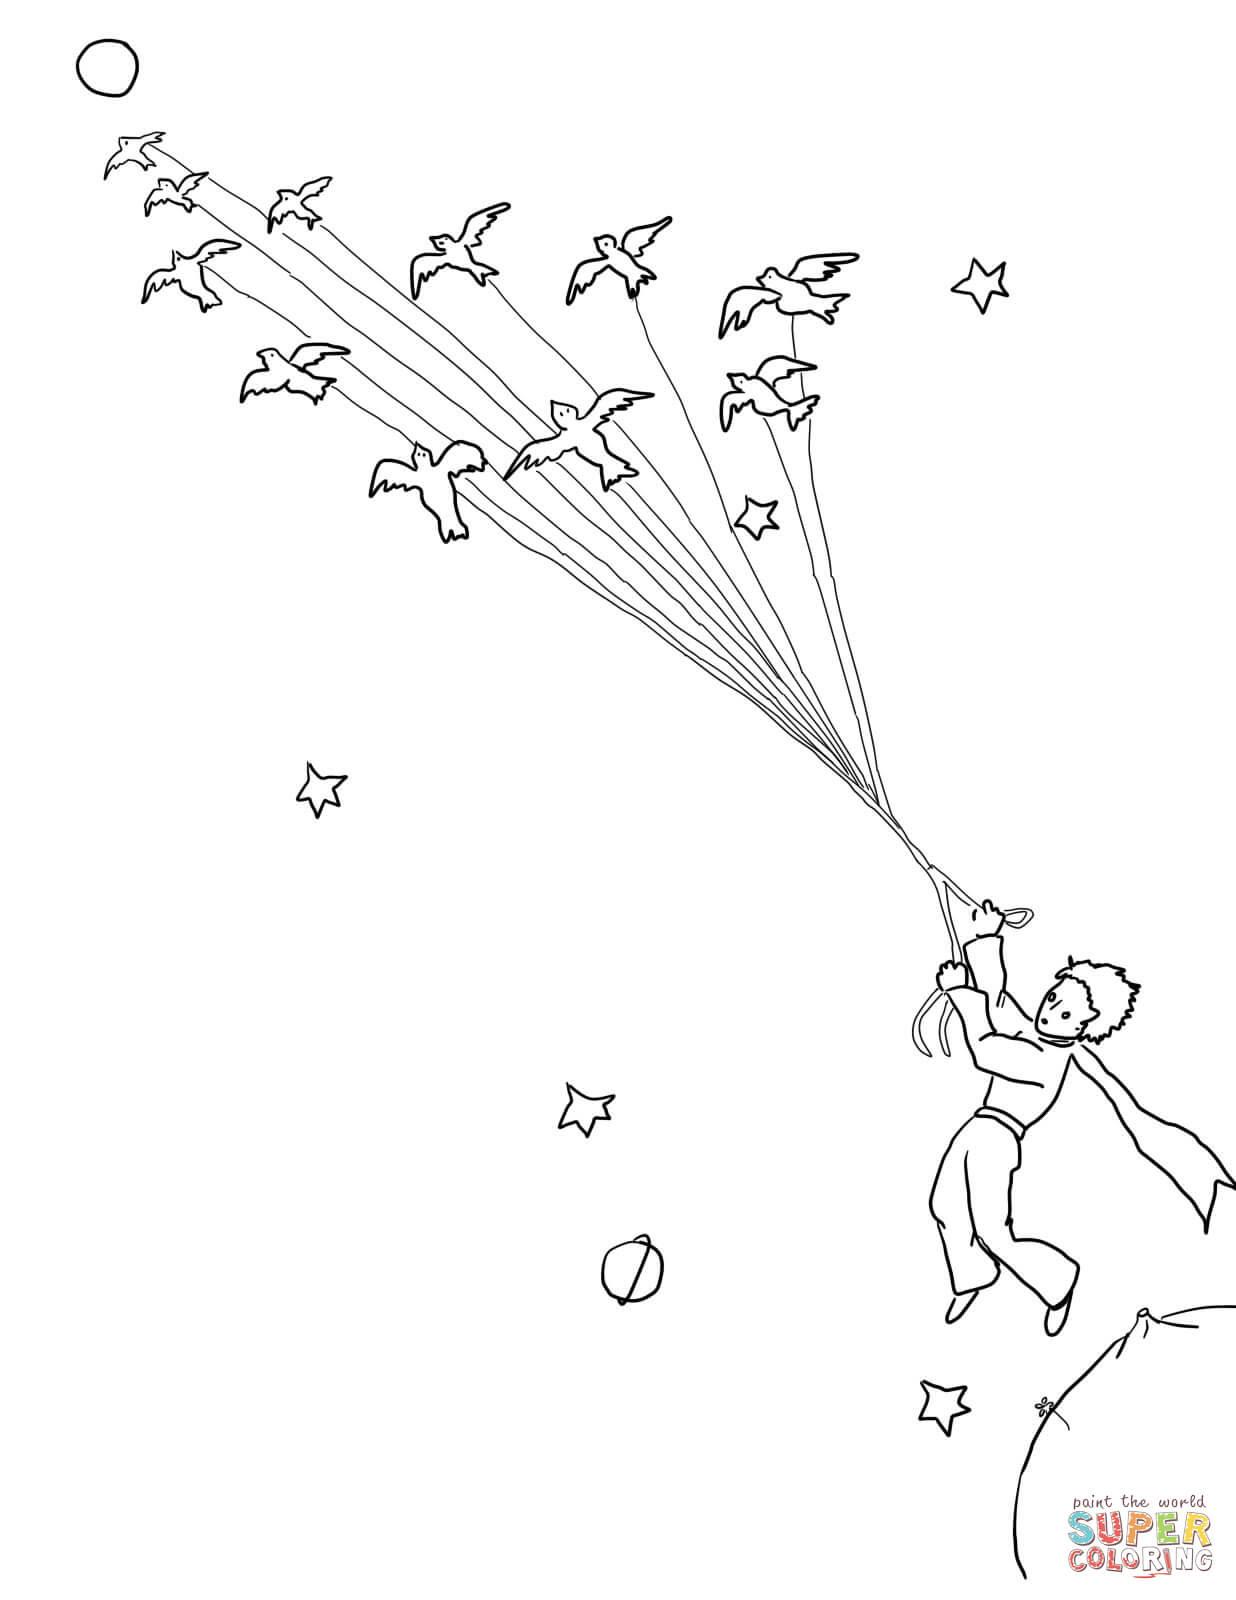 Klick das Bild Der kleine Prinz verlässt seinen Planeten mit den Zugvögeln